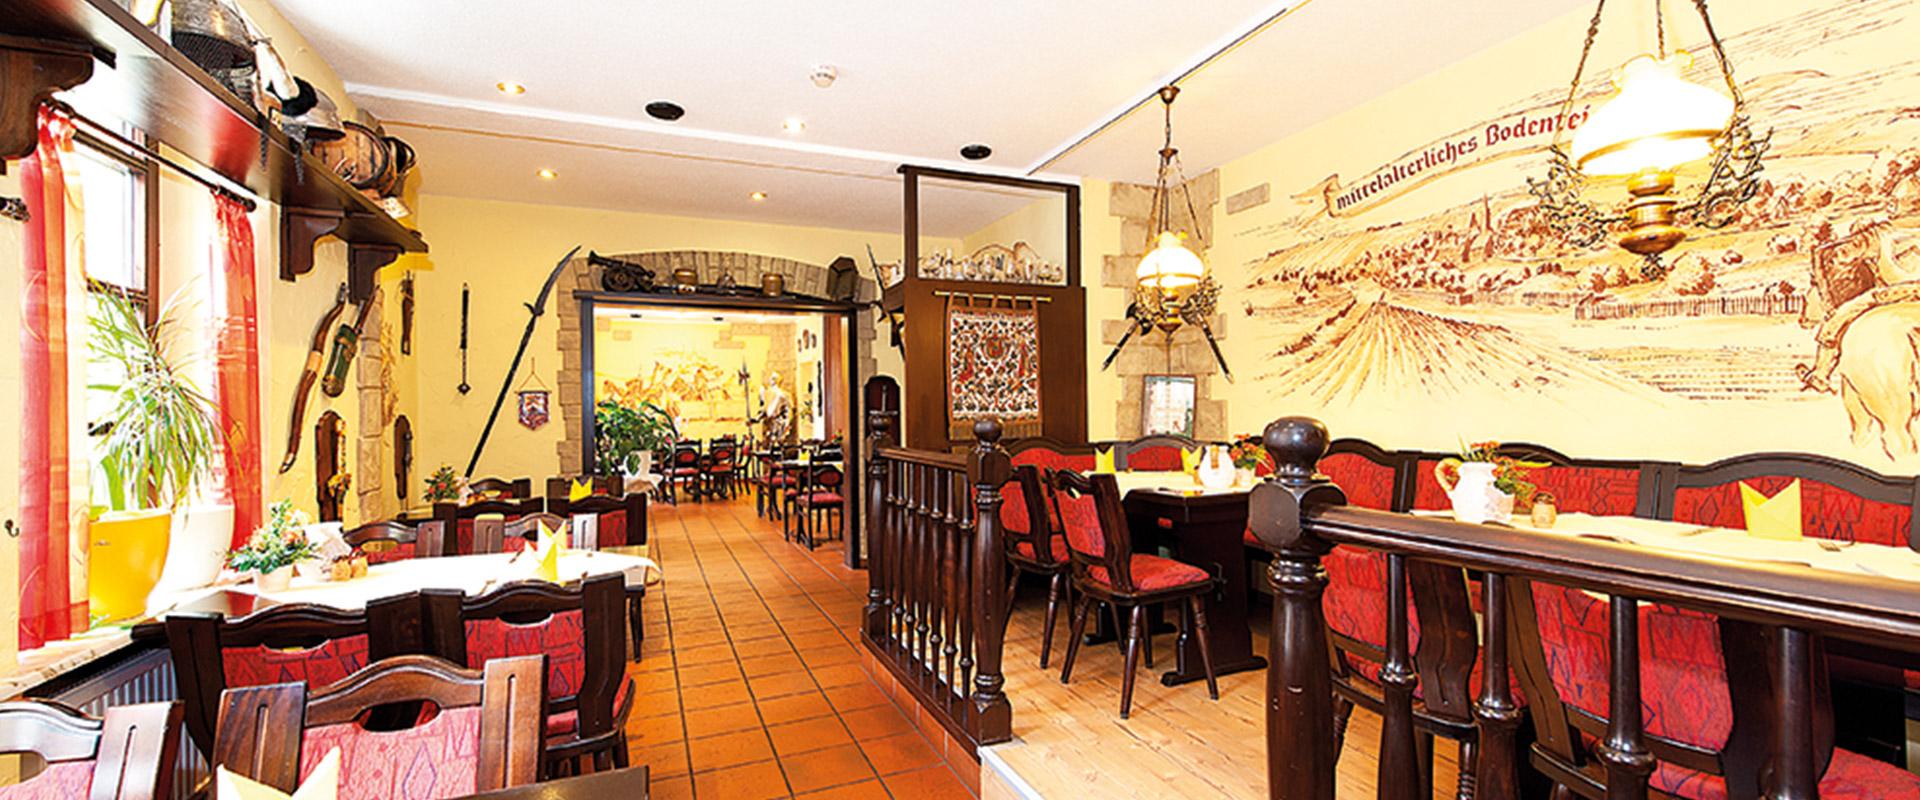 Hotel - Hotel & Restaurant - Zum alten Ritter